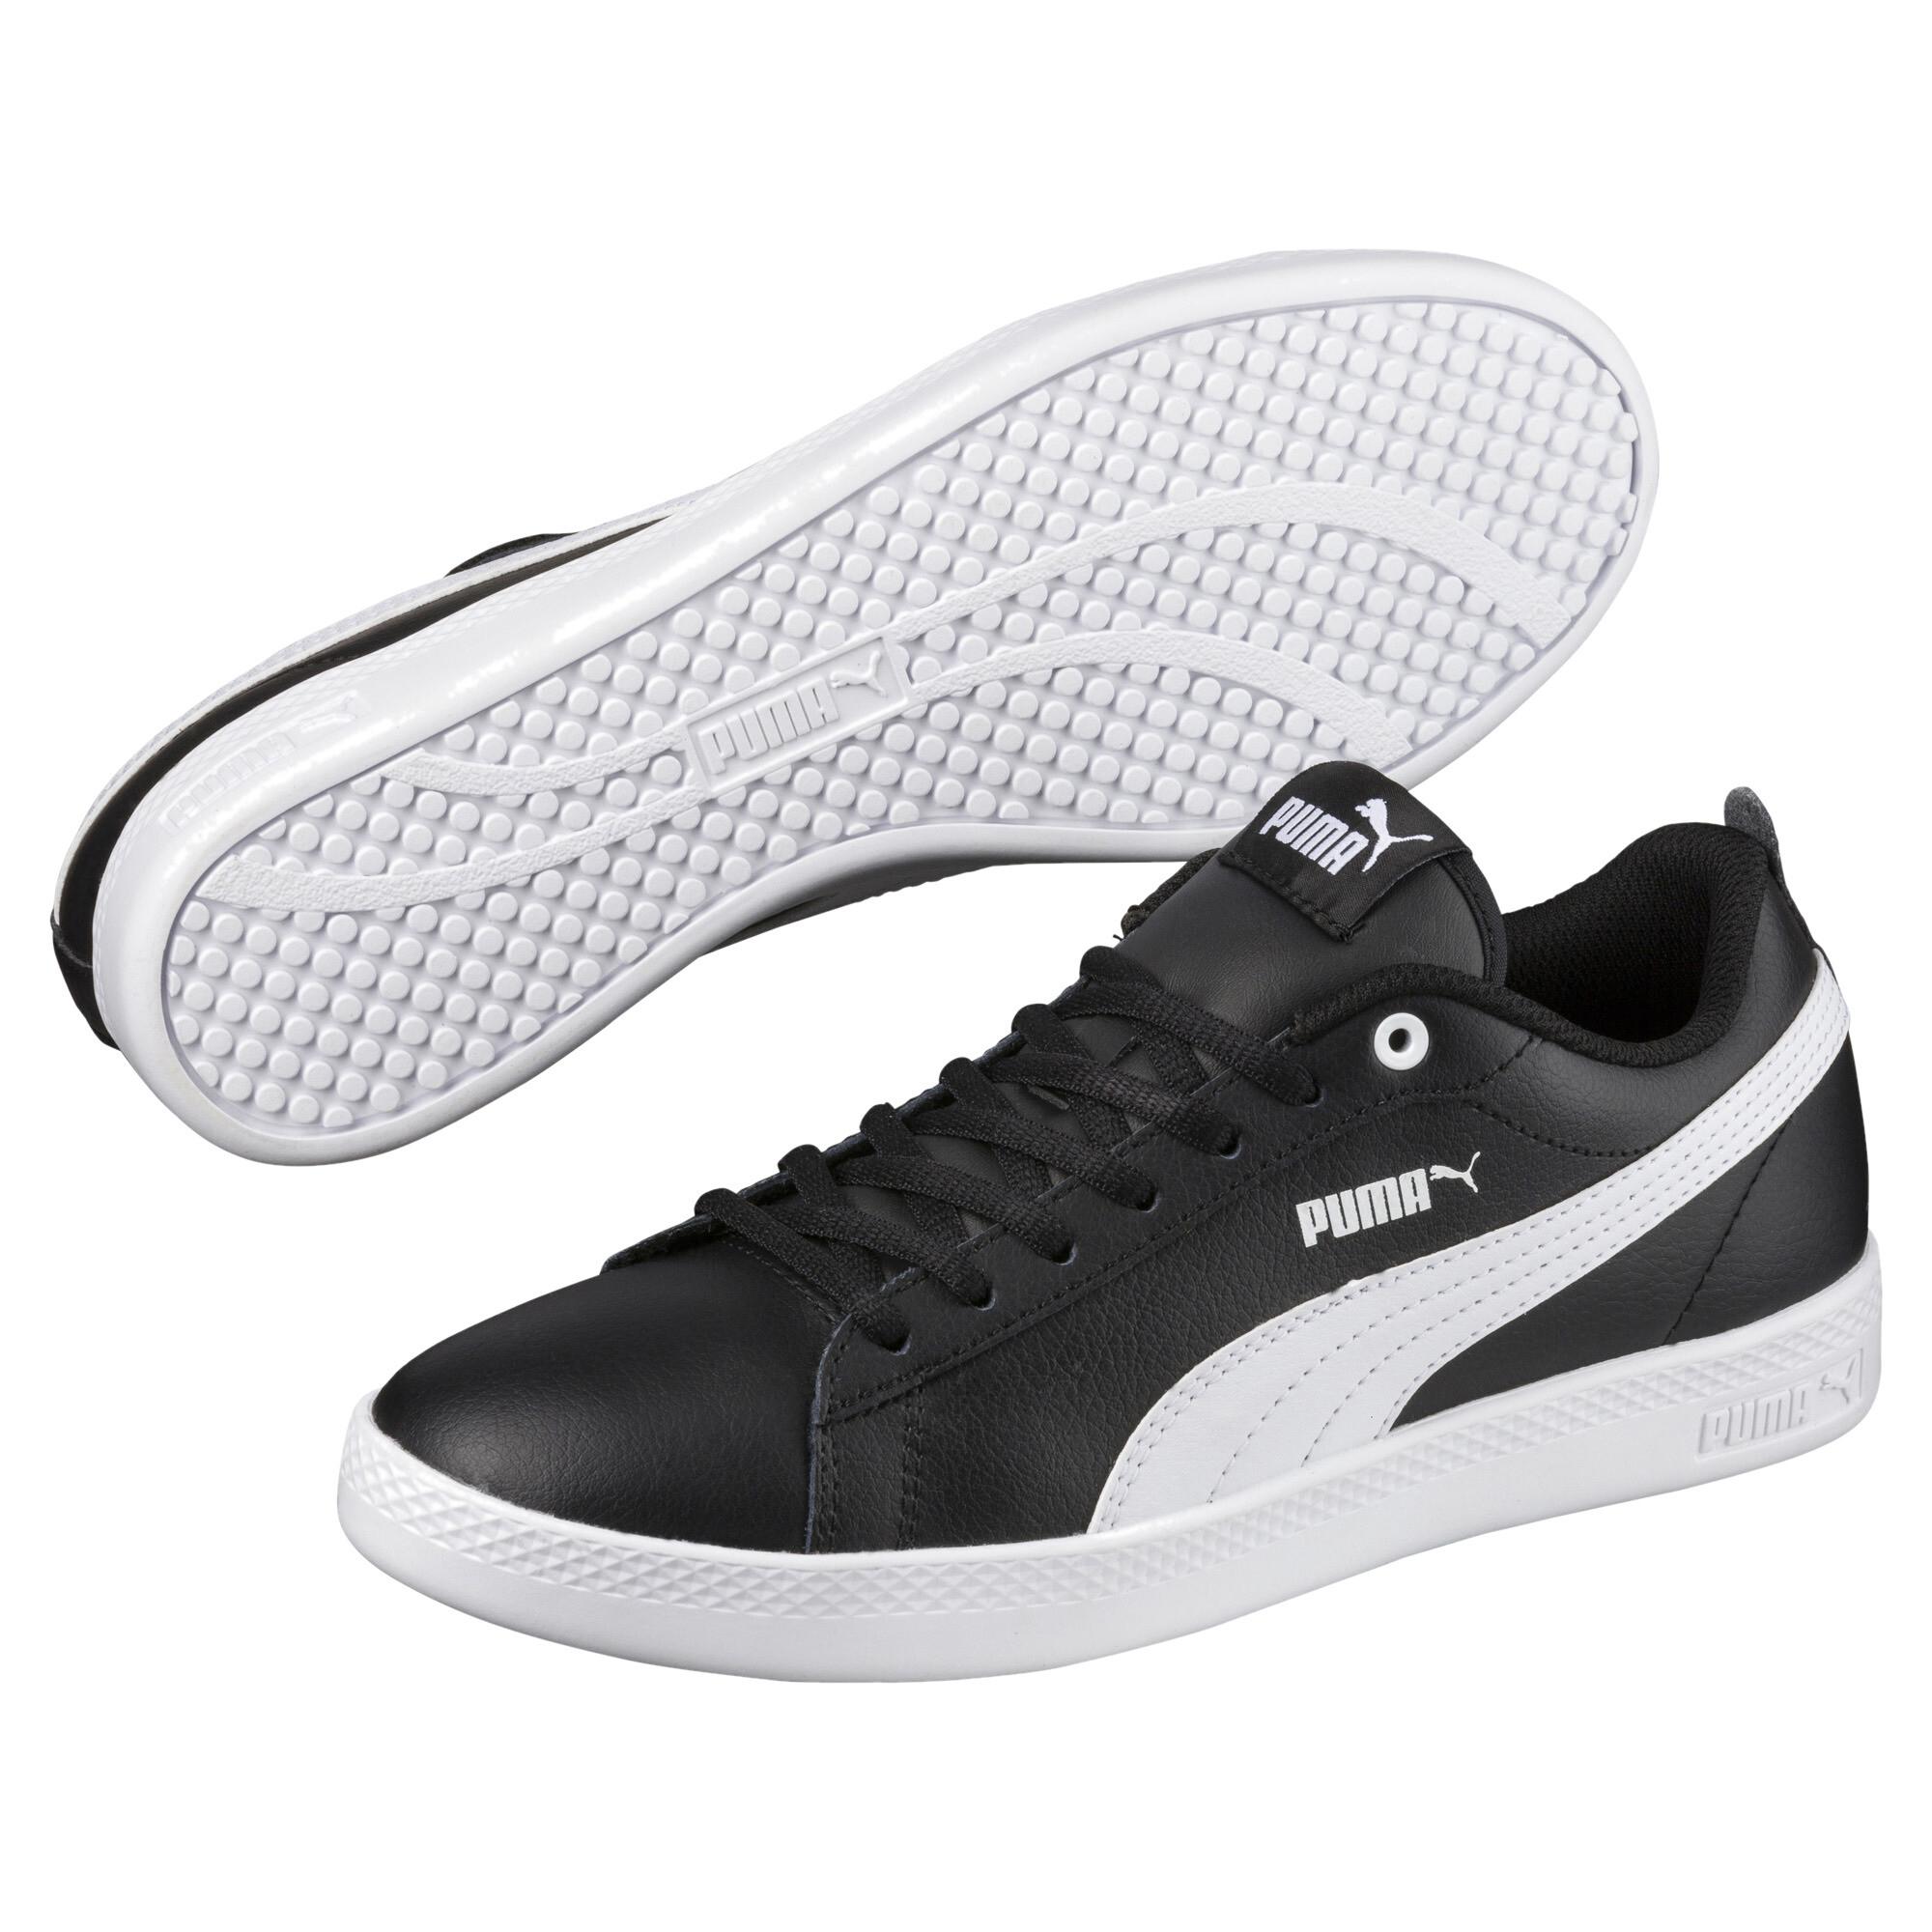 thumbnail 3 - PUMA-Women-039-s-Smash-v2-Leather-Sneakers